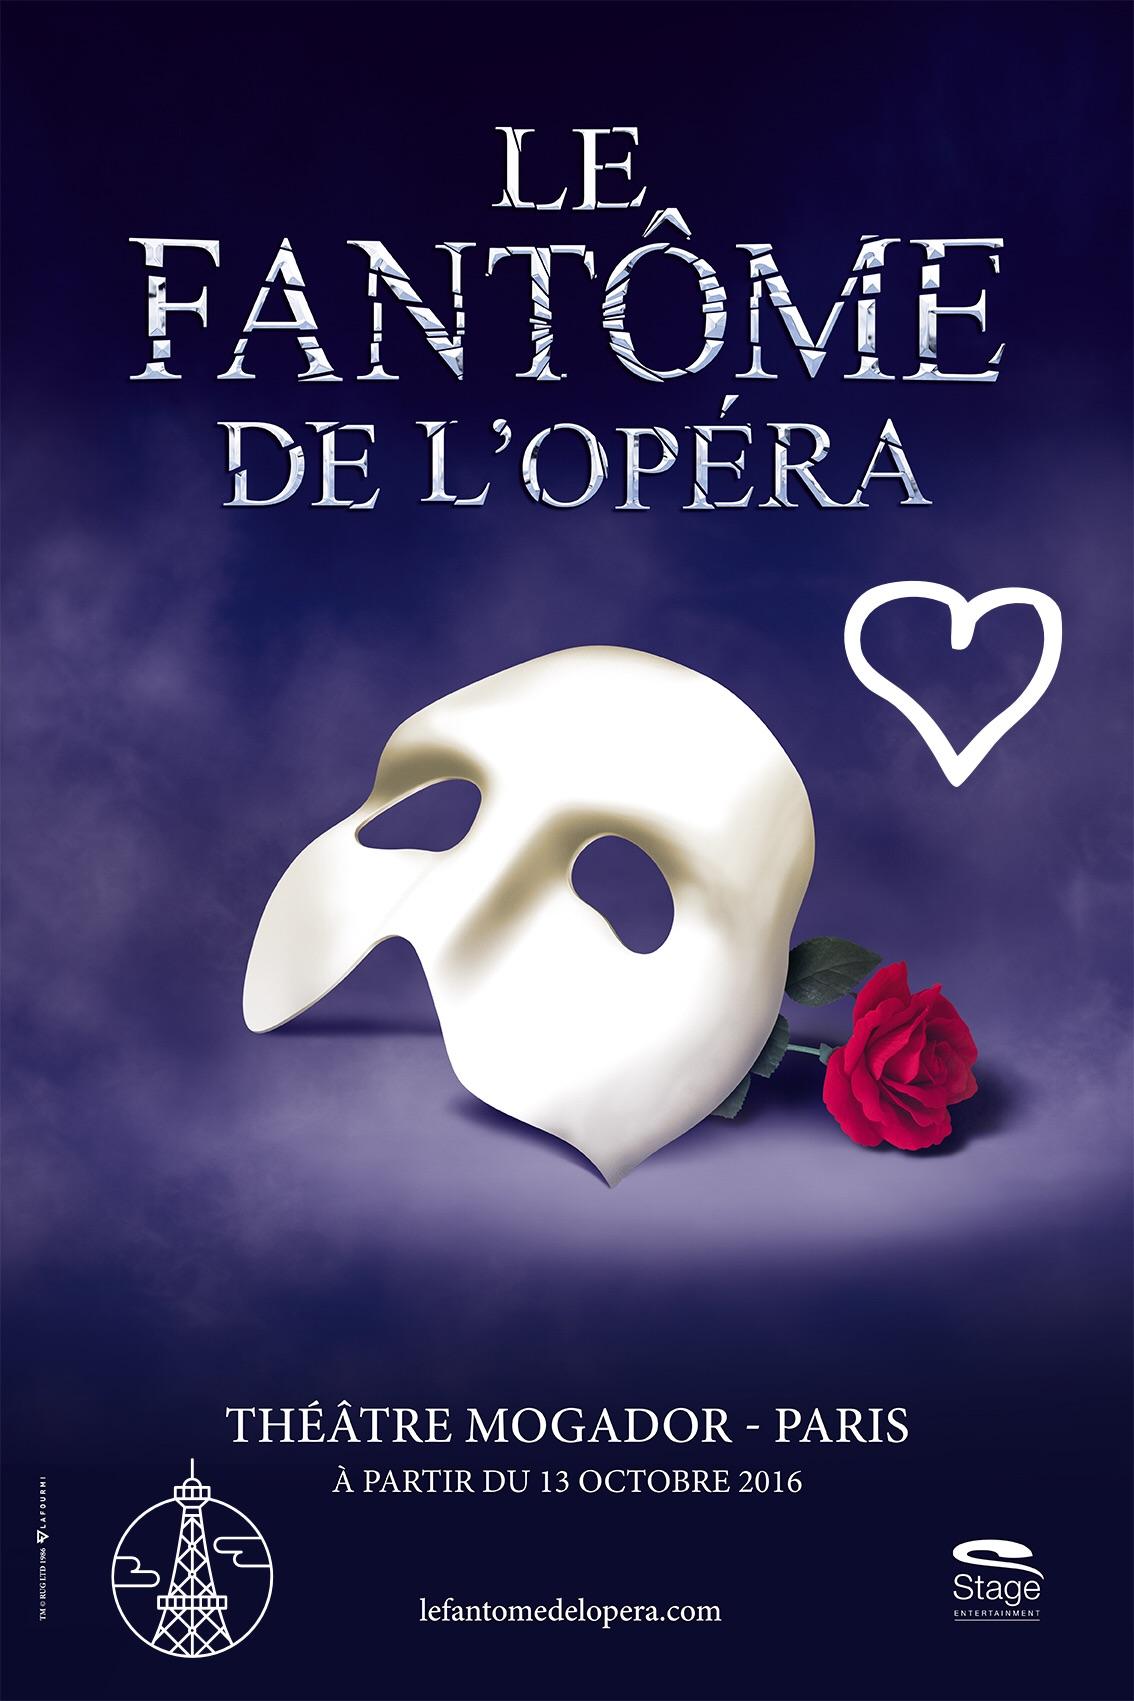 Le Fantome de l opéra affiche comédie musicale culte à partir du 13 octobre 2016 Théâtre Modagor Paris The phantom of the opera musical blog usofparis